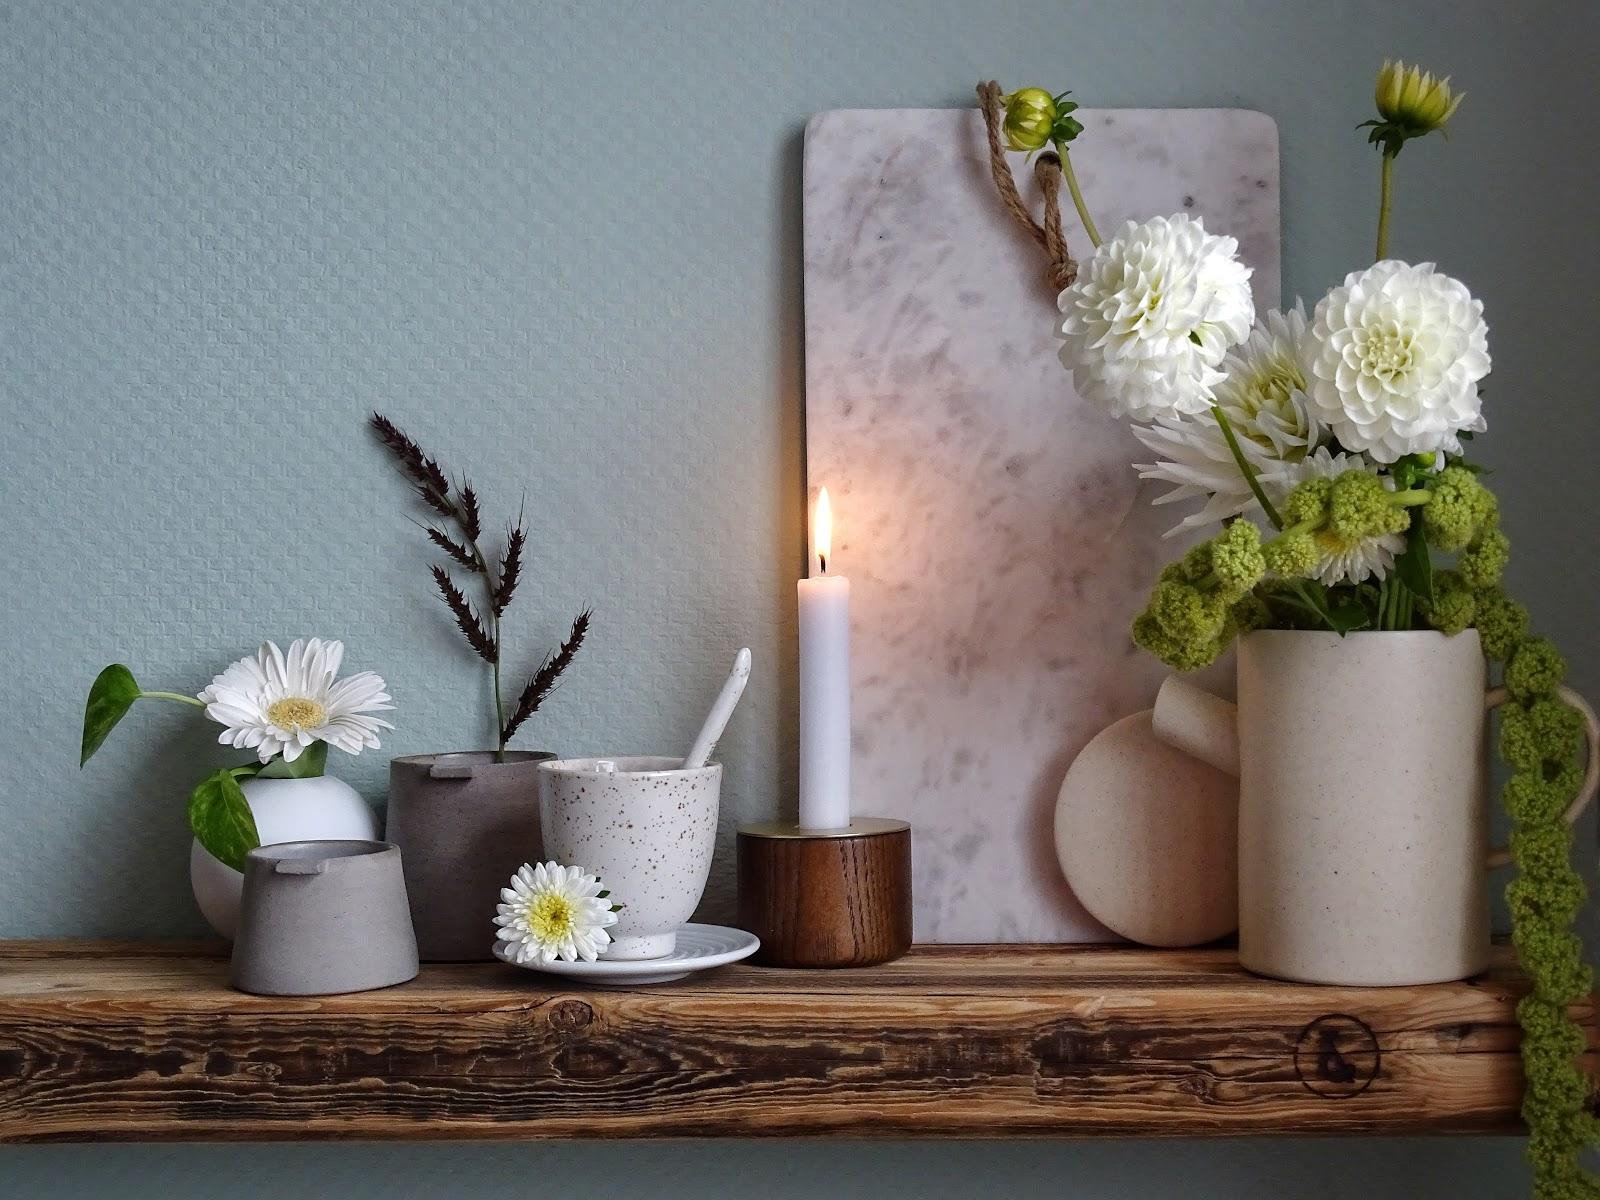 Küchen Makeover Mit Neuer Wandfarbe In Mint + Styling Ideen Für Regale +  Deko